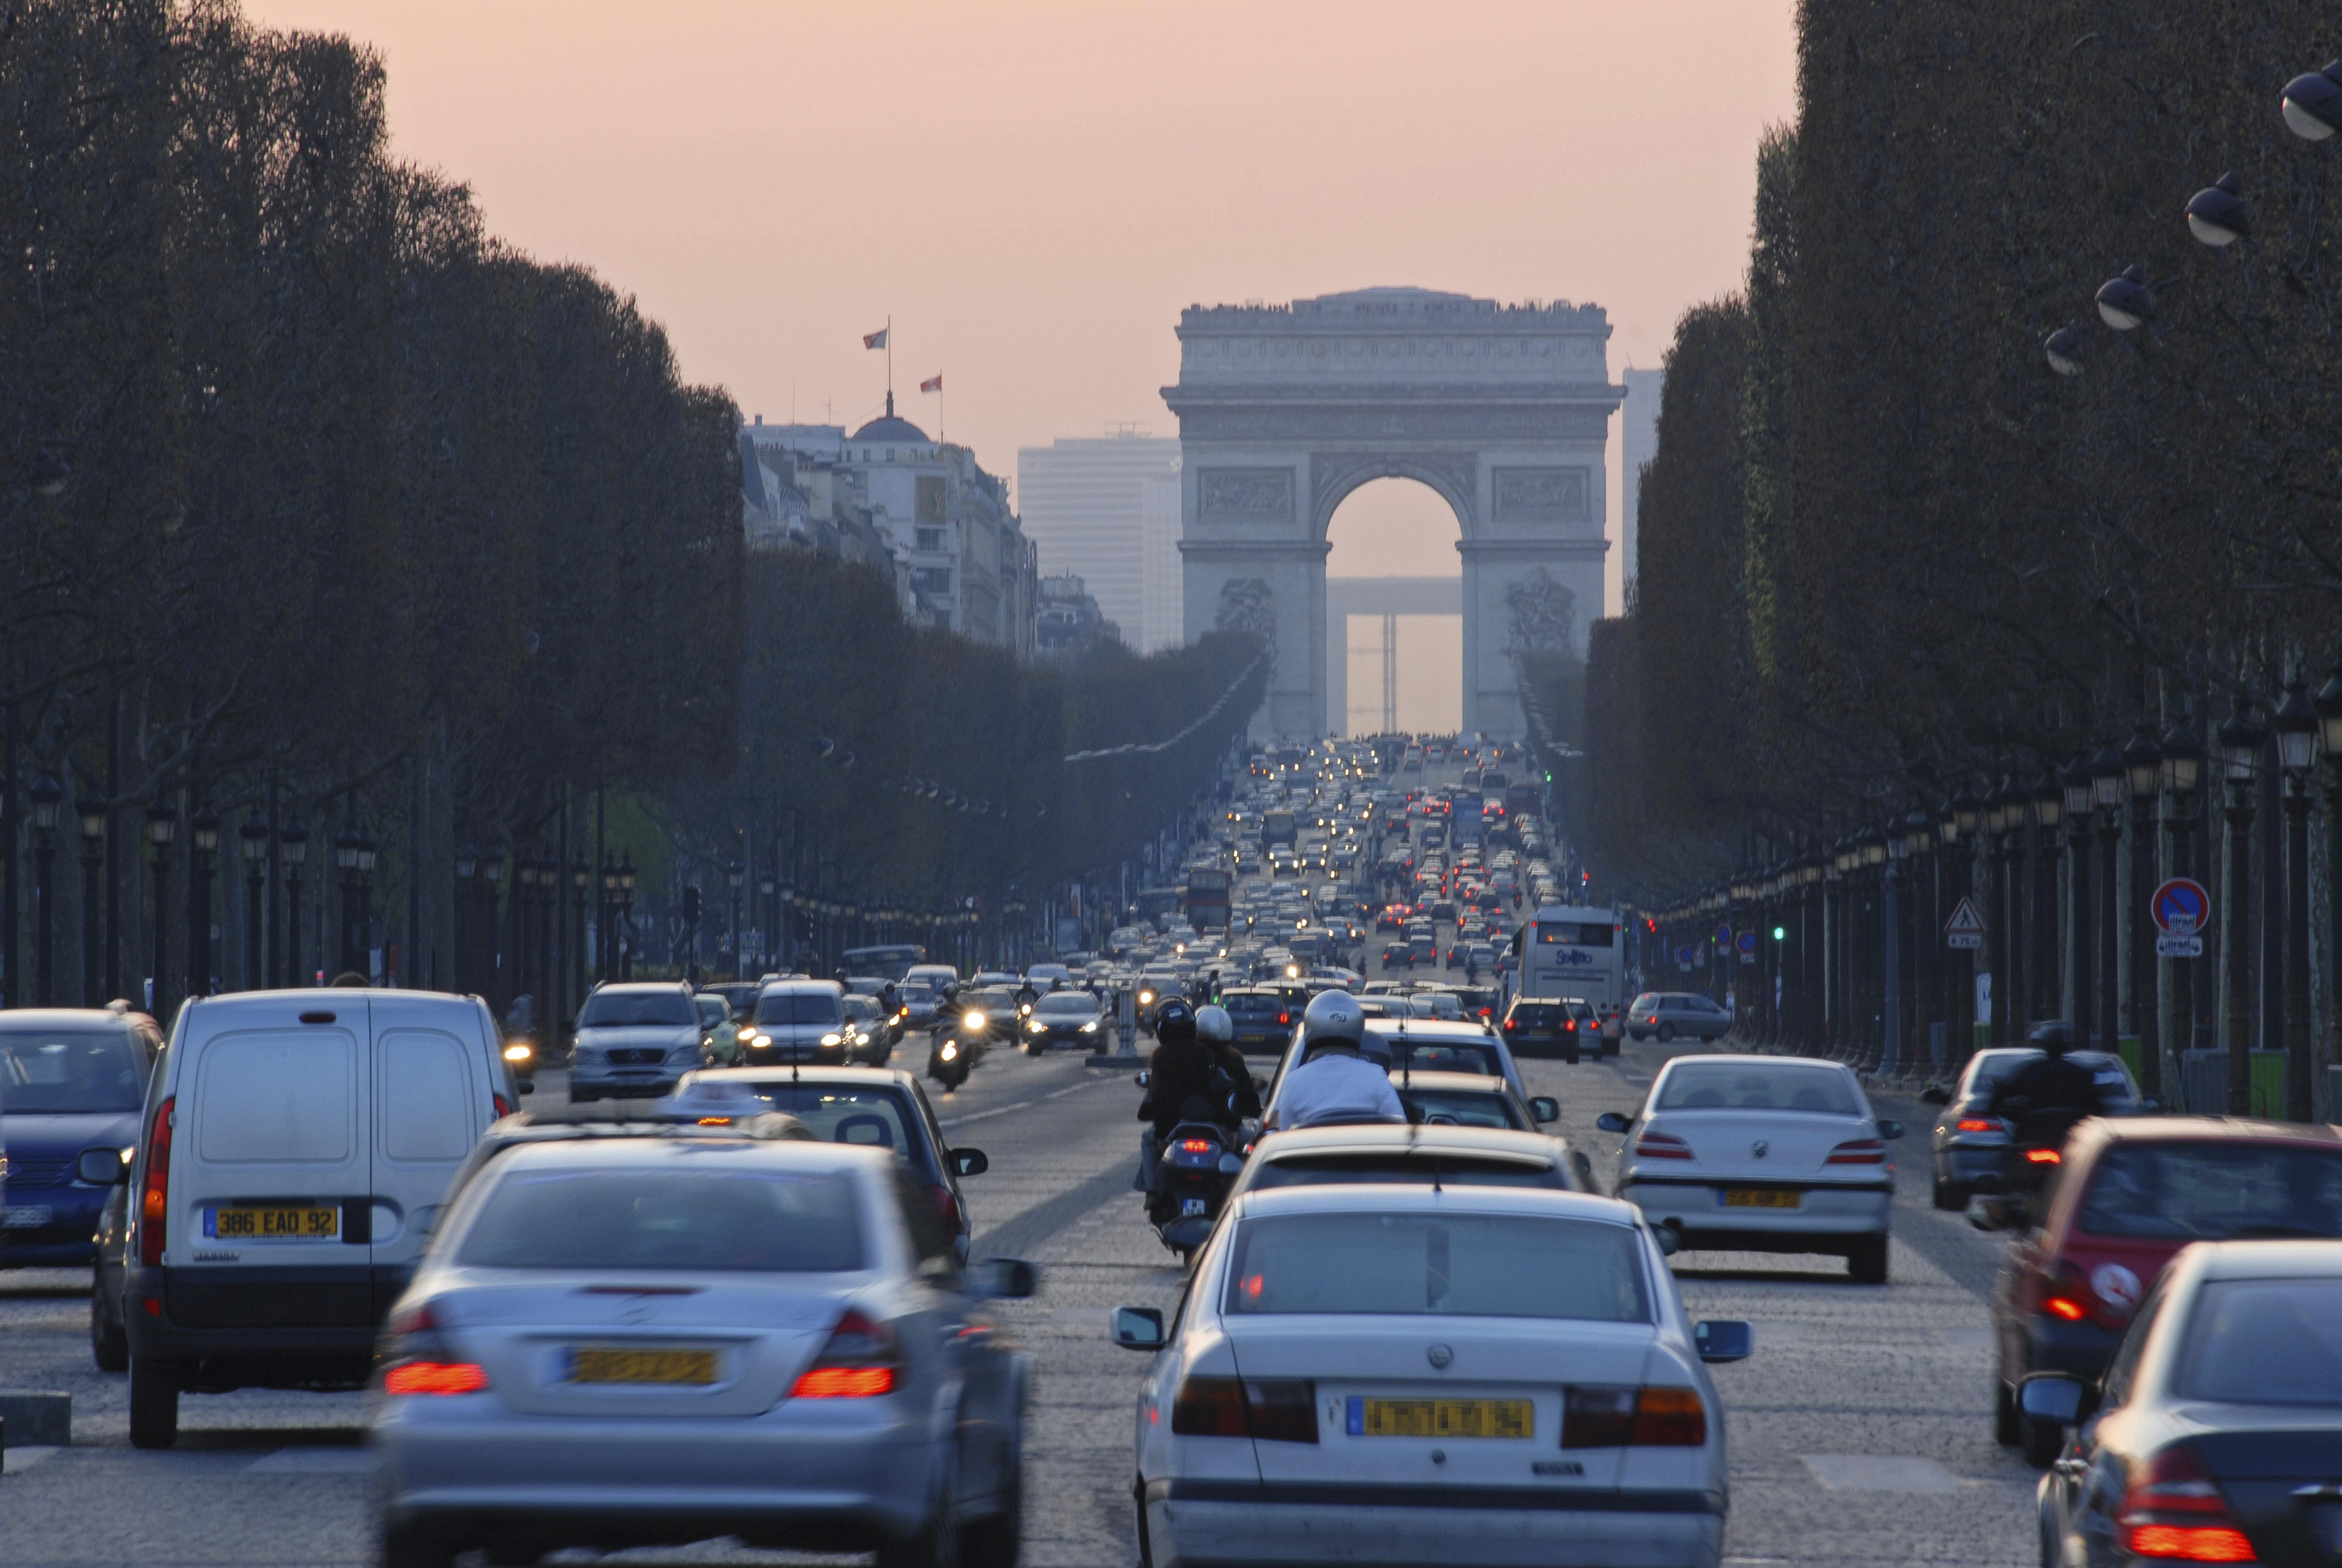 Minden hónapban lesz egy vasárnap Párizsban, amikor kitiltják az autókat a Champs-Élysées-ről